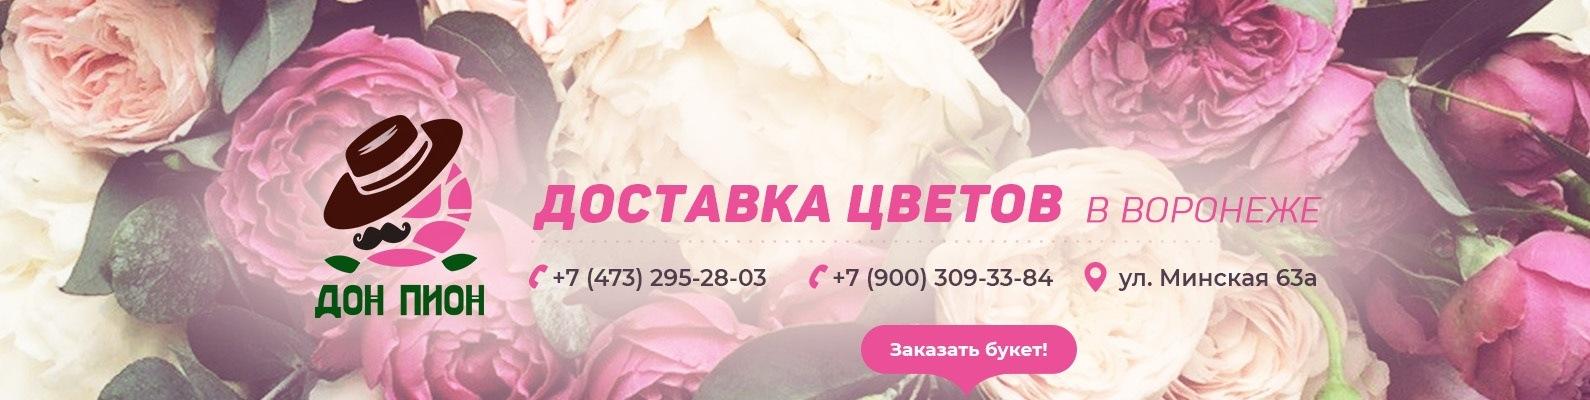 dostavka-fruktov-na-dom-voronezh